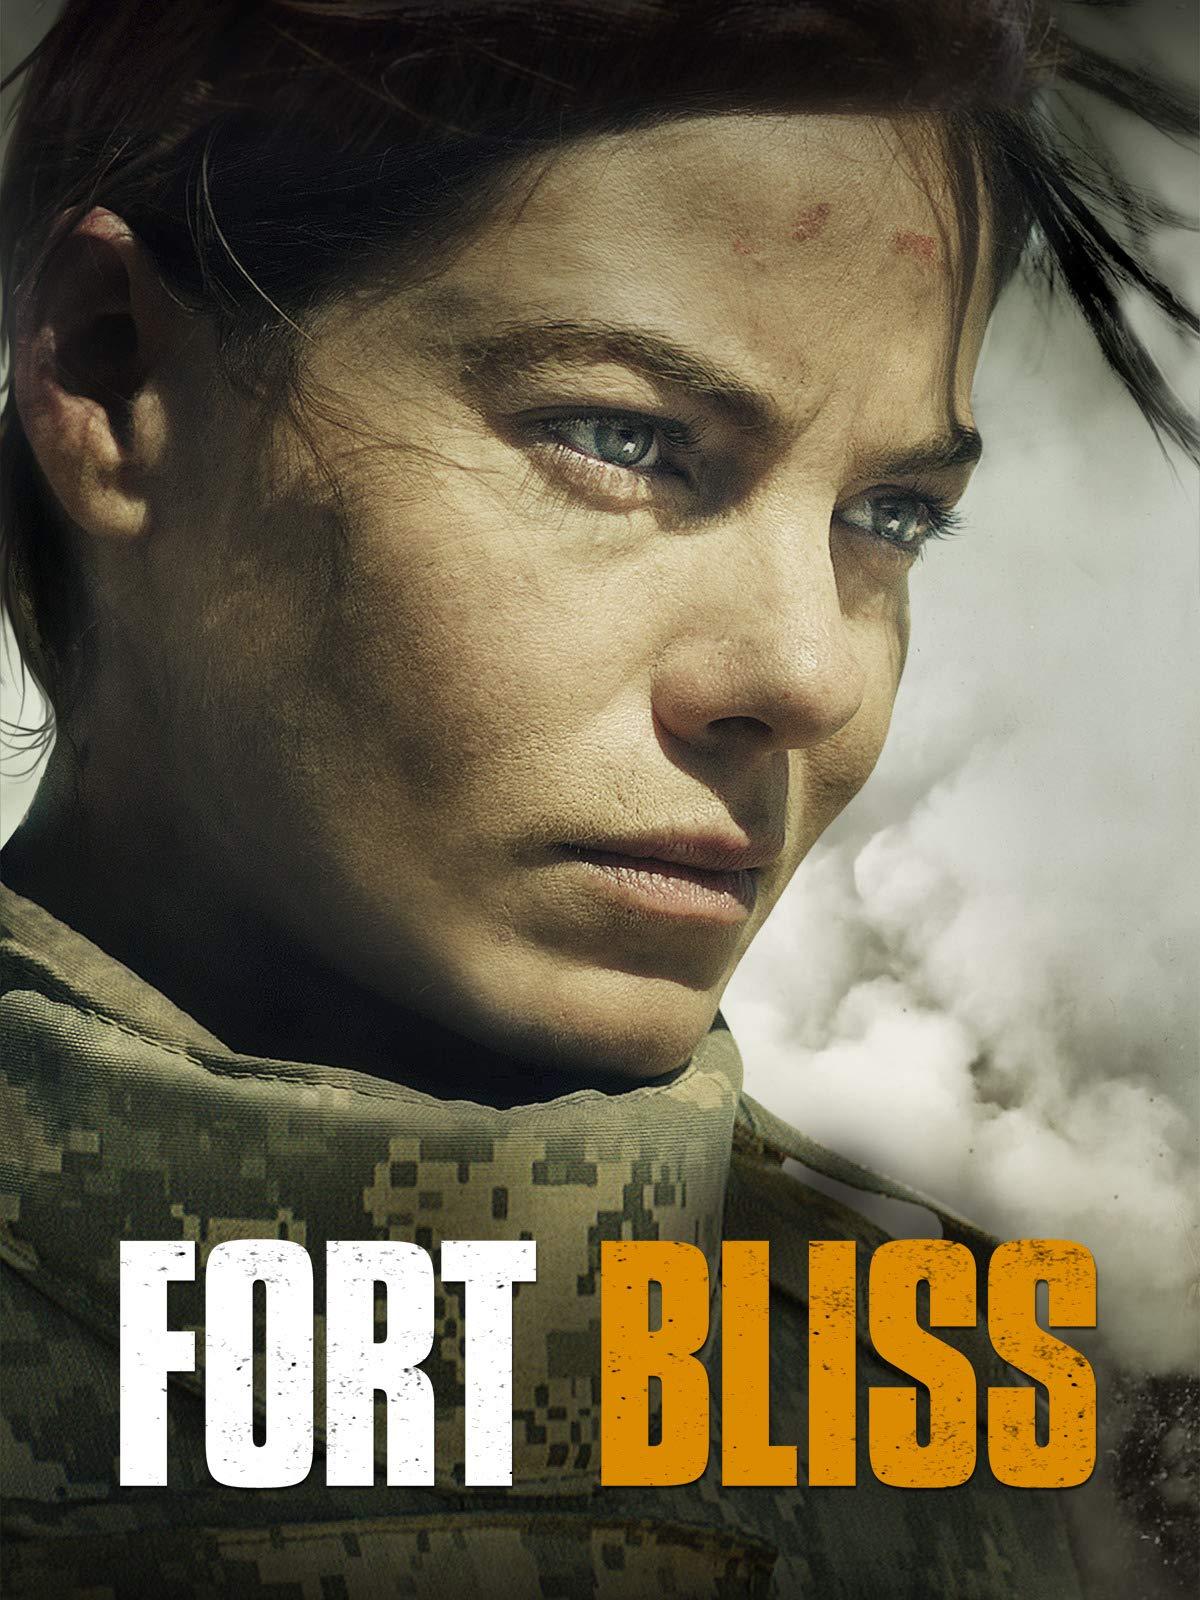 Amazon.com: Fort Bliss: Michele Monaghan, Emmanuelle Chriqui, Pablo ...